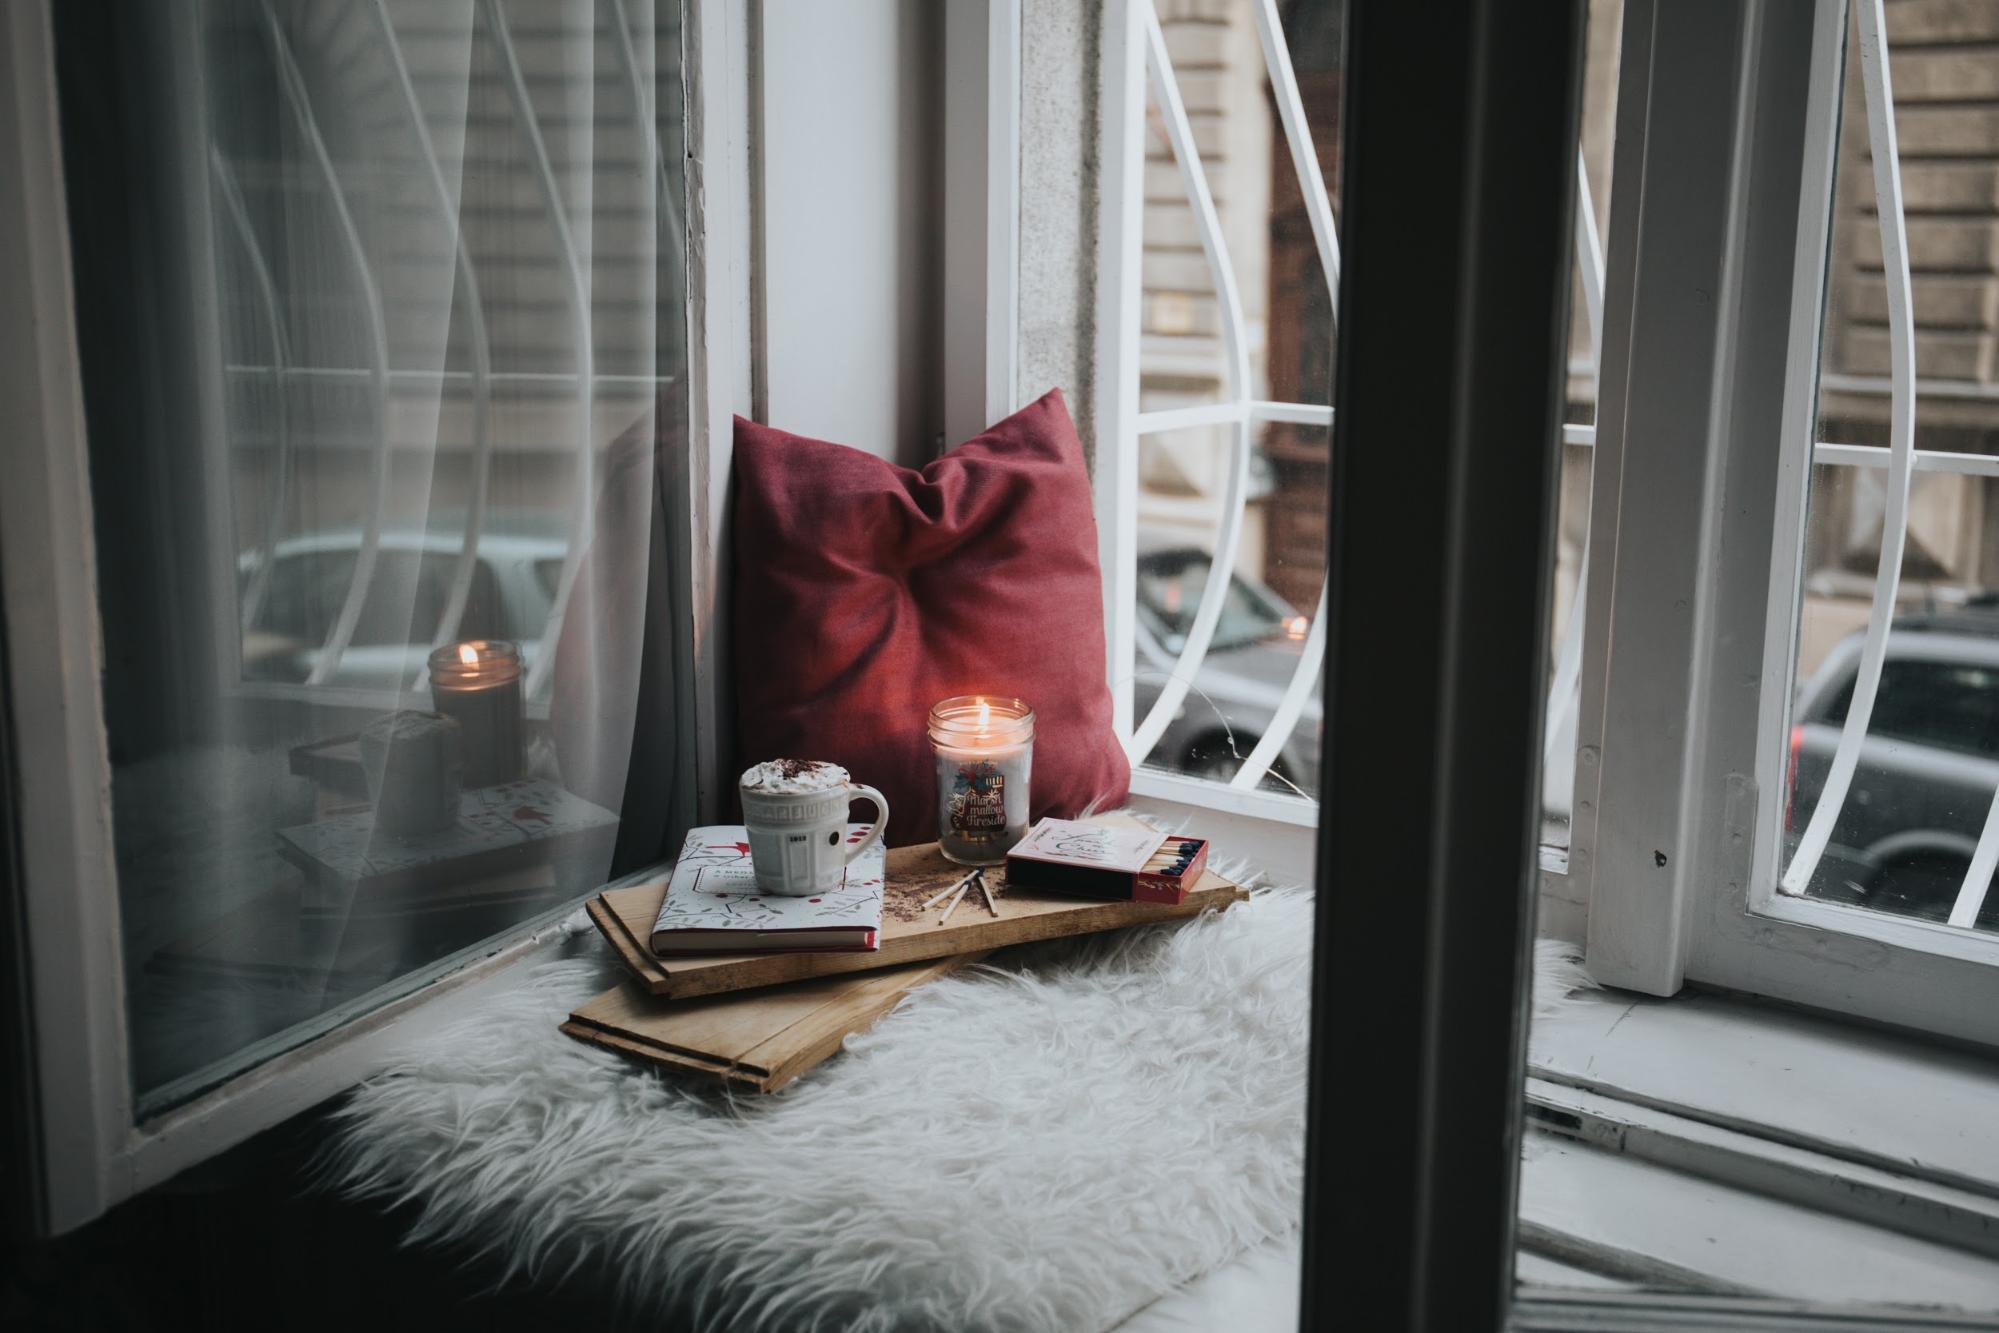 擁有一個放鬆的空間,能讓自己愛自己多一點